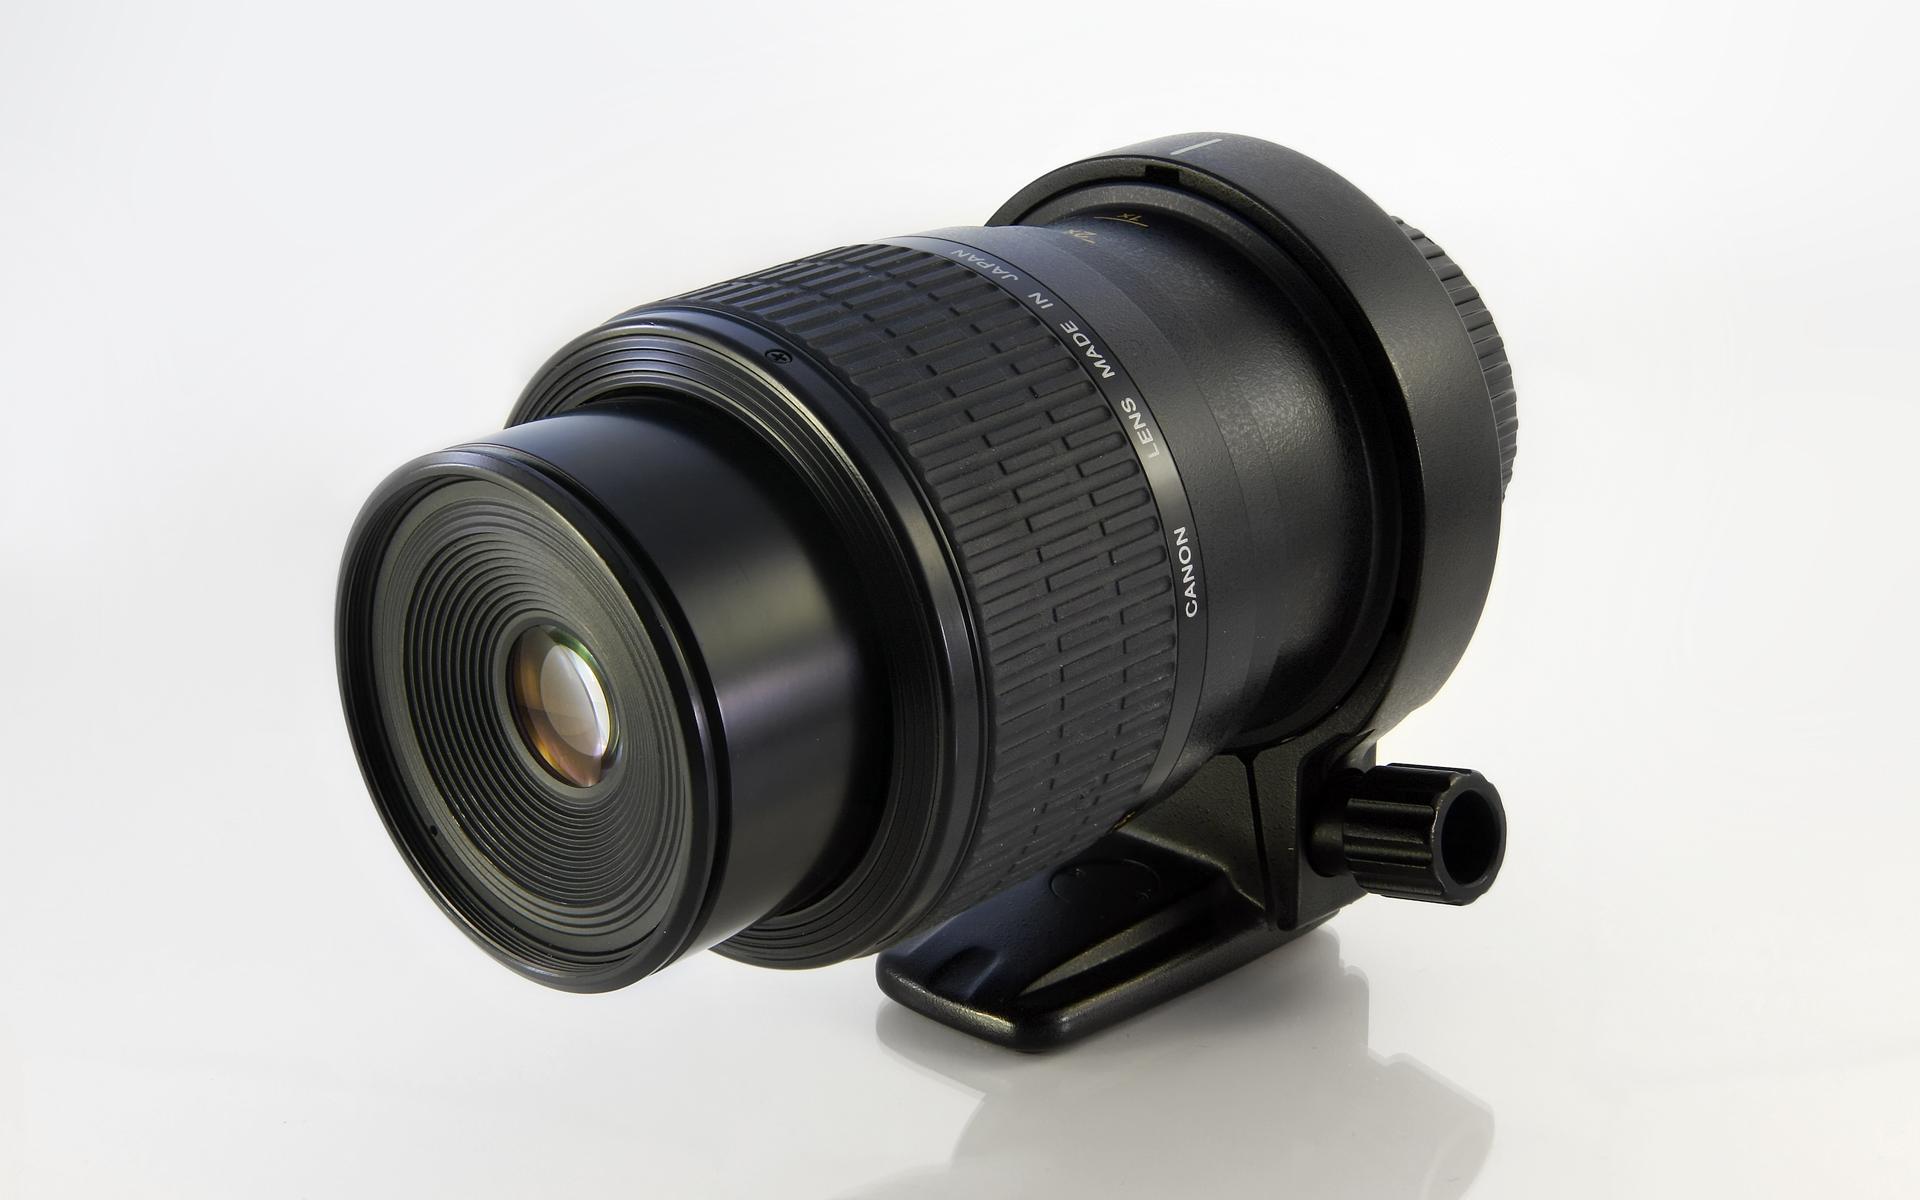 Canon MP-E 65mm f/2.8 1–5x Macro - Wikipedia